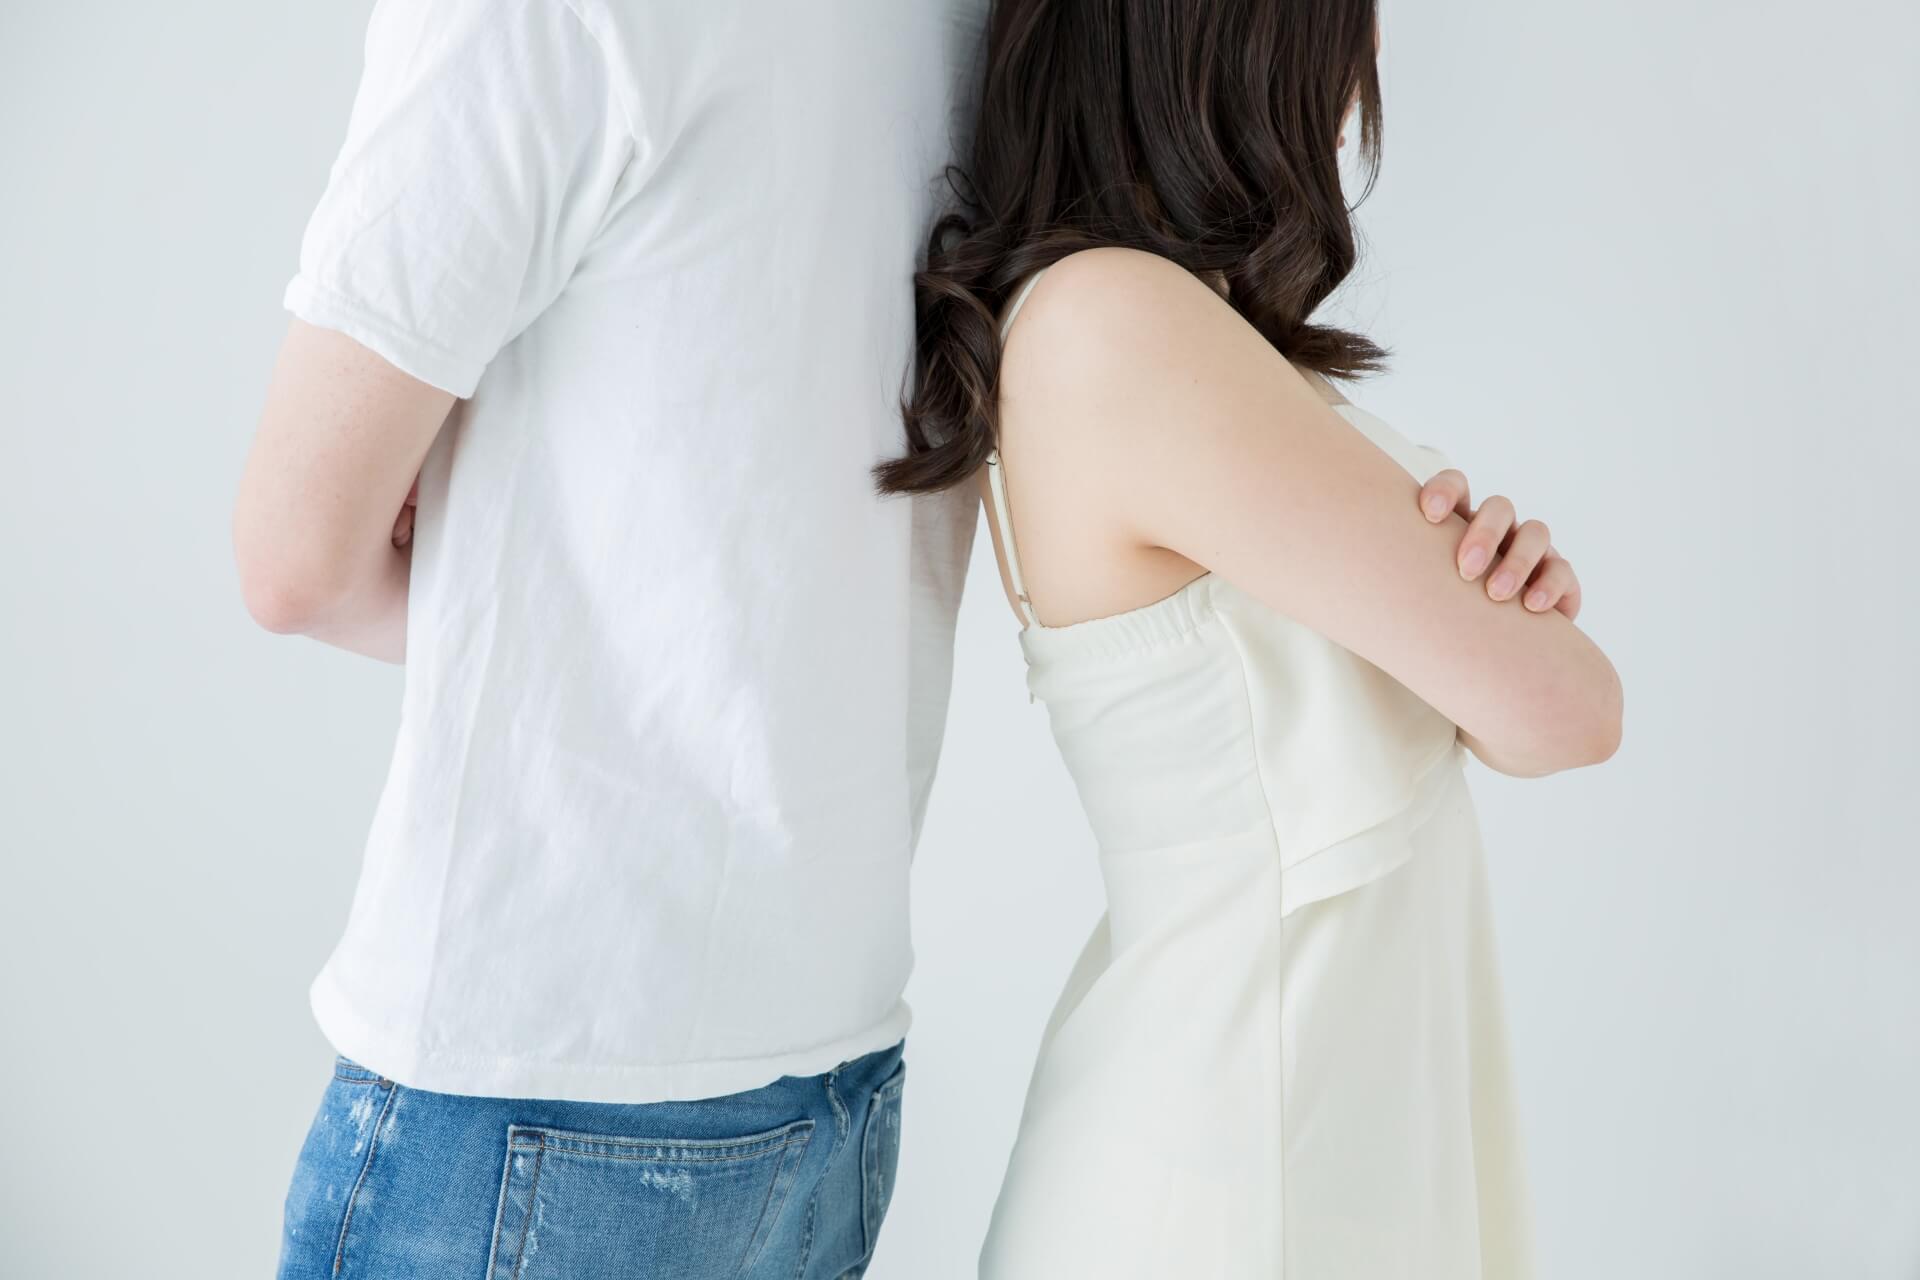 デートの誘いを断られたらその後どうする?